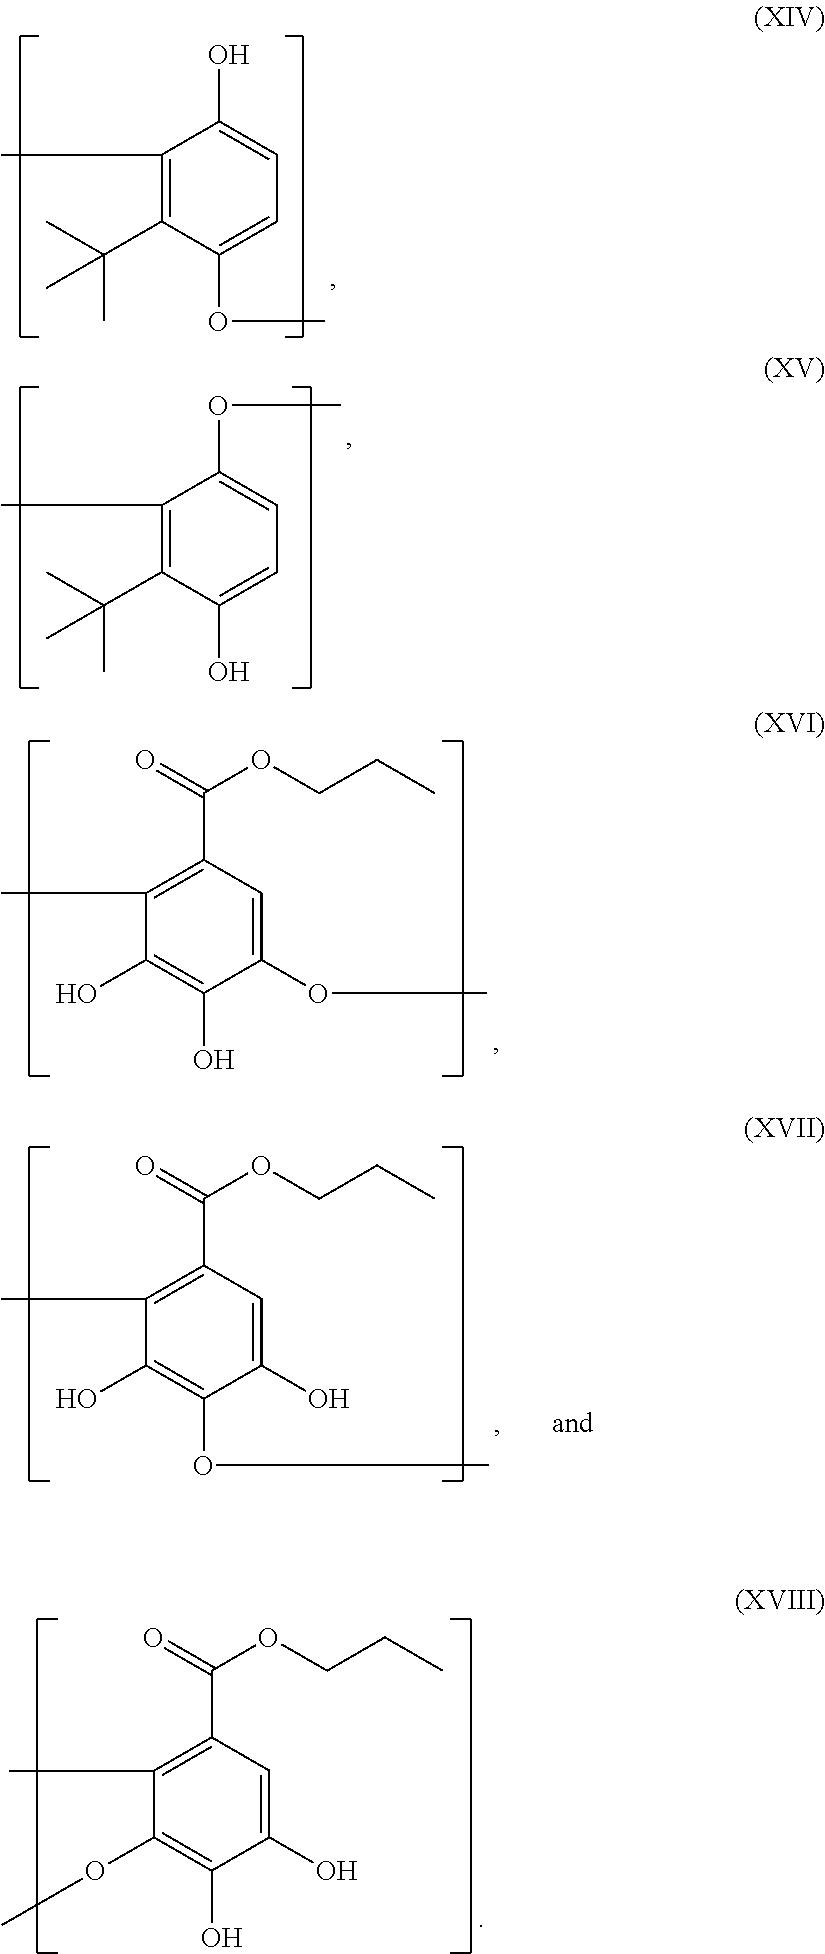 Figure US09523060-20161220-C00005